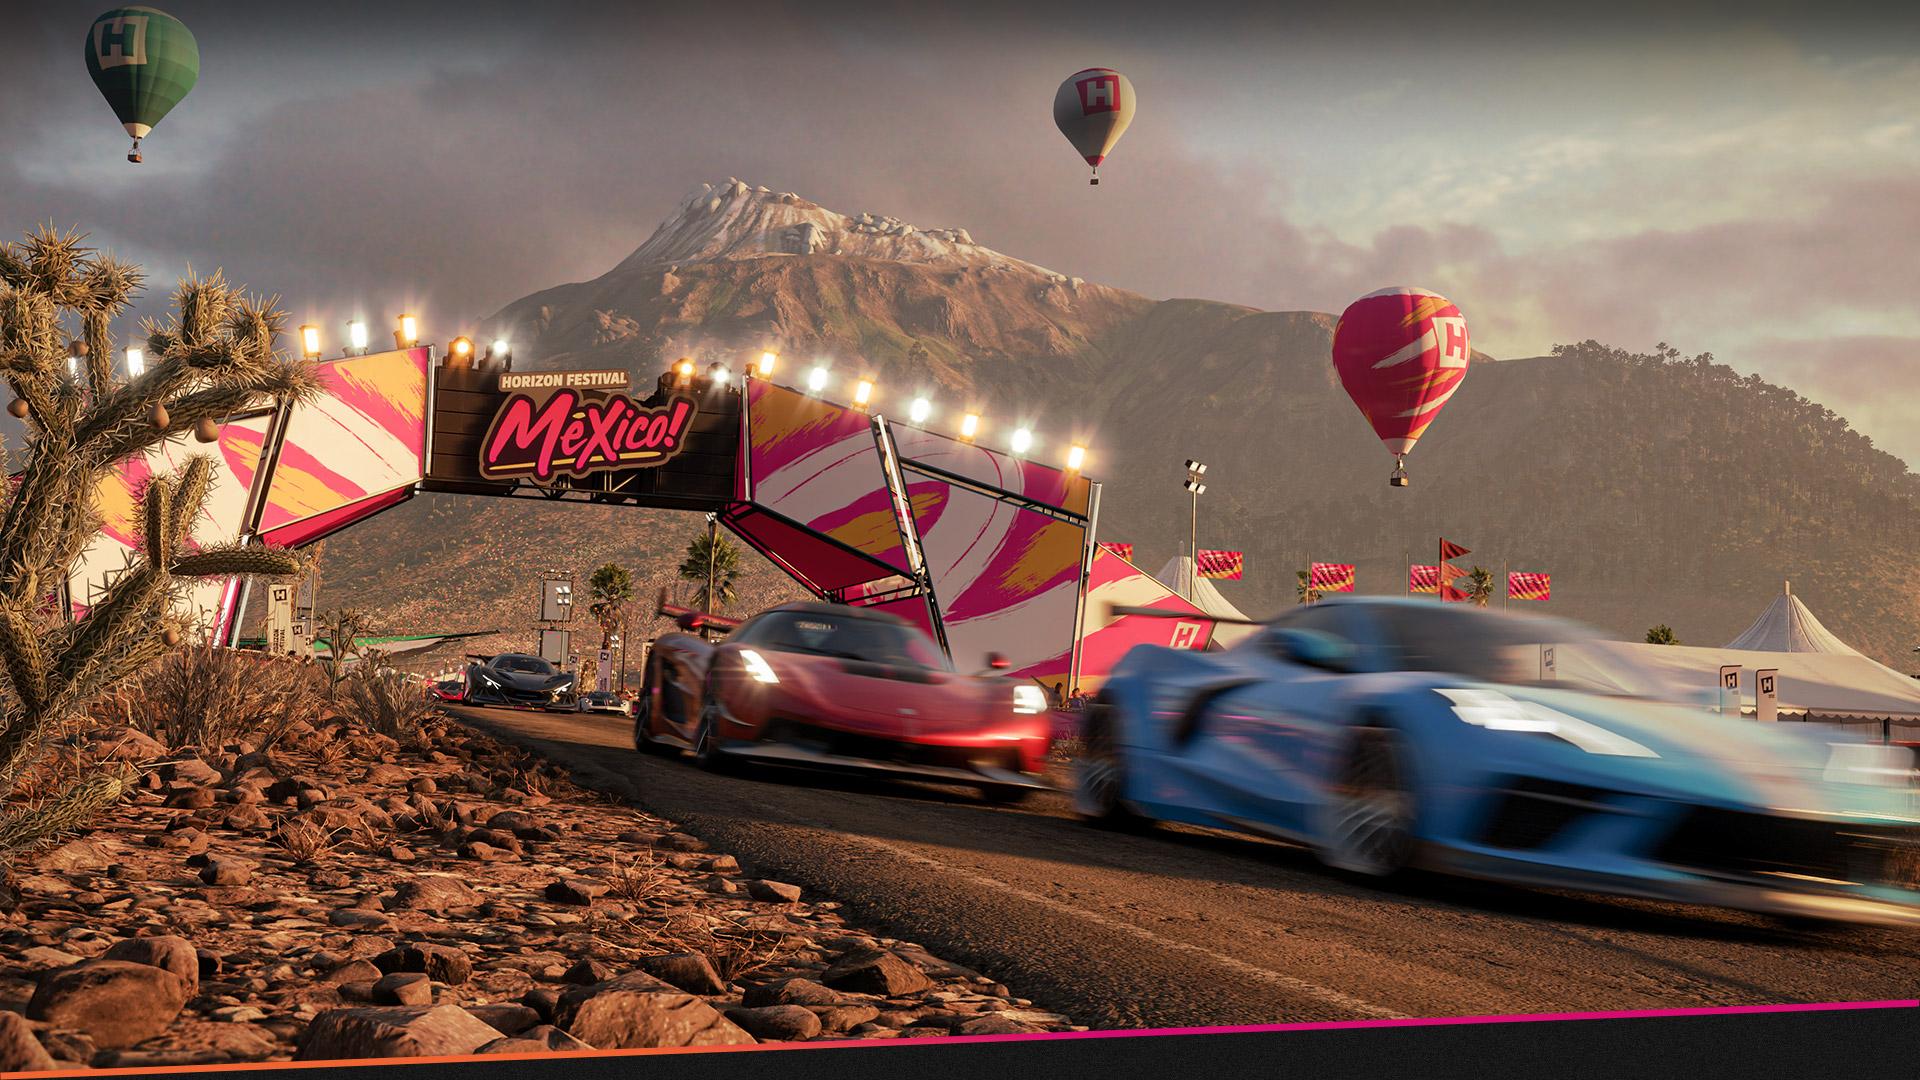 Forza Horizon 5, E3 2021'de En Çok Beklenilen Oyun Seçildi